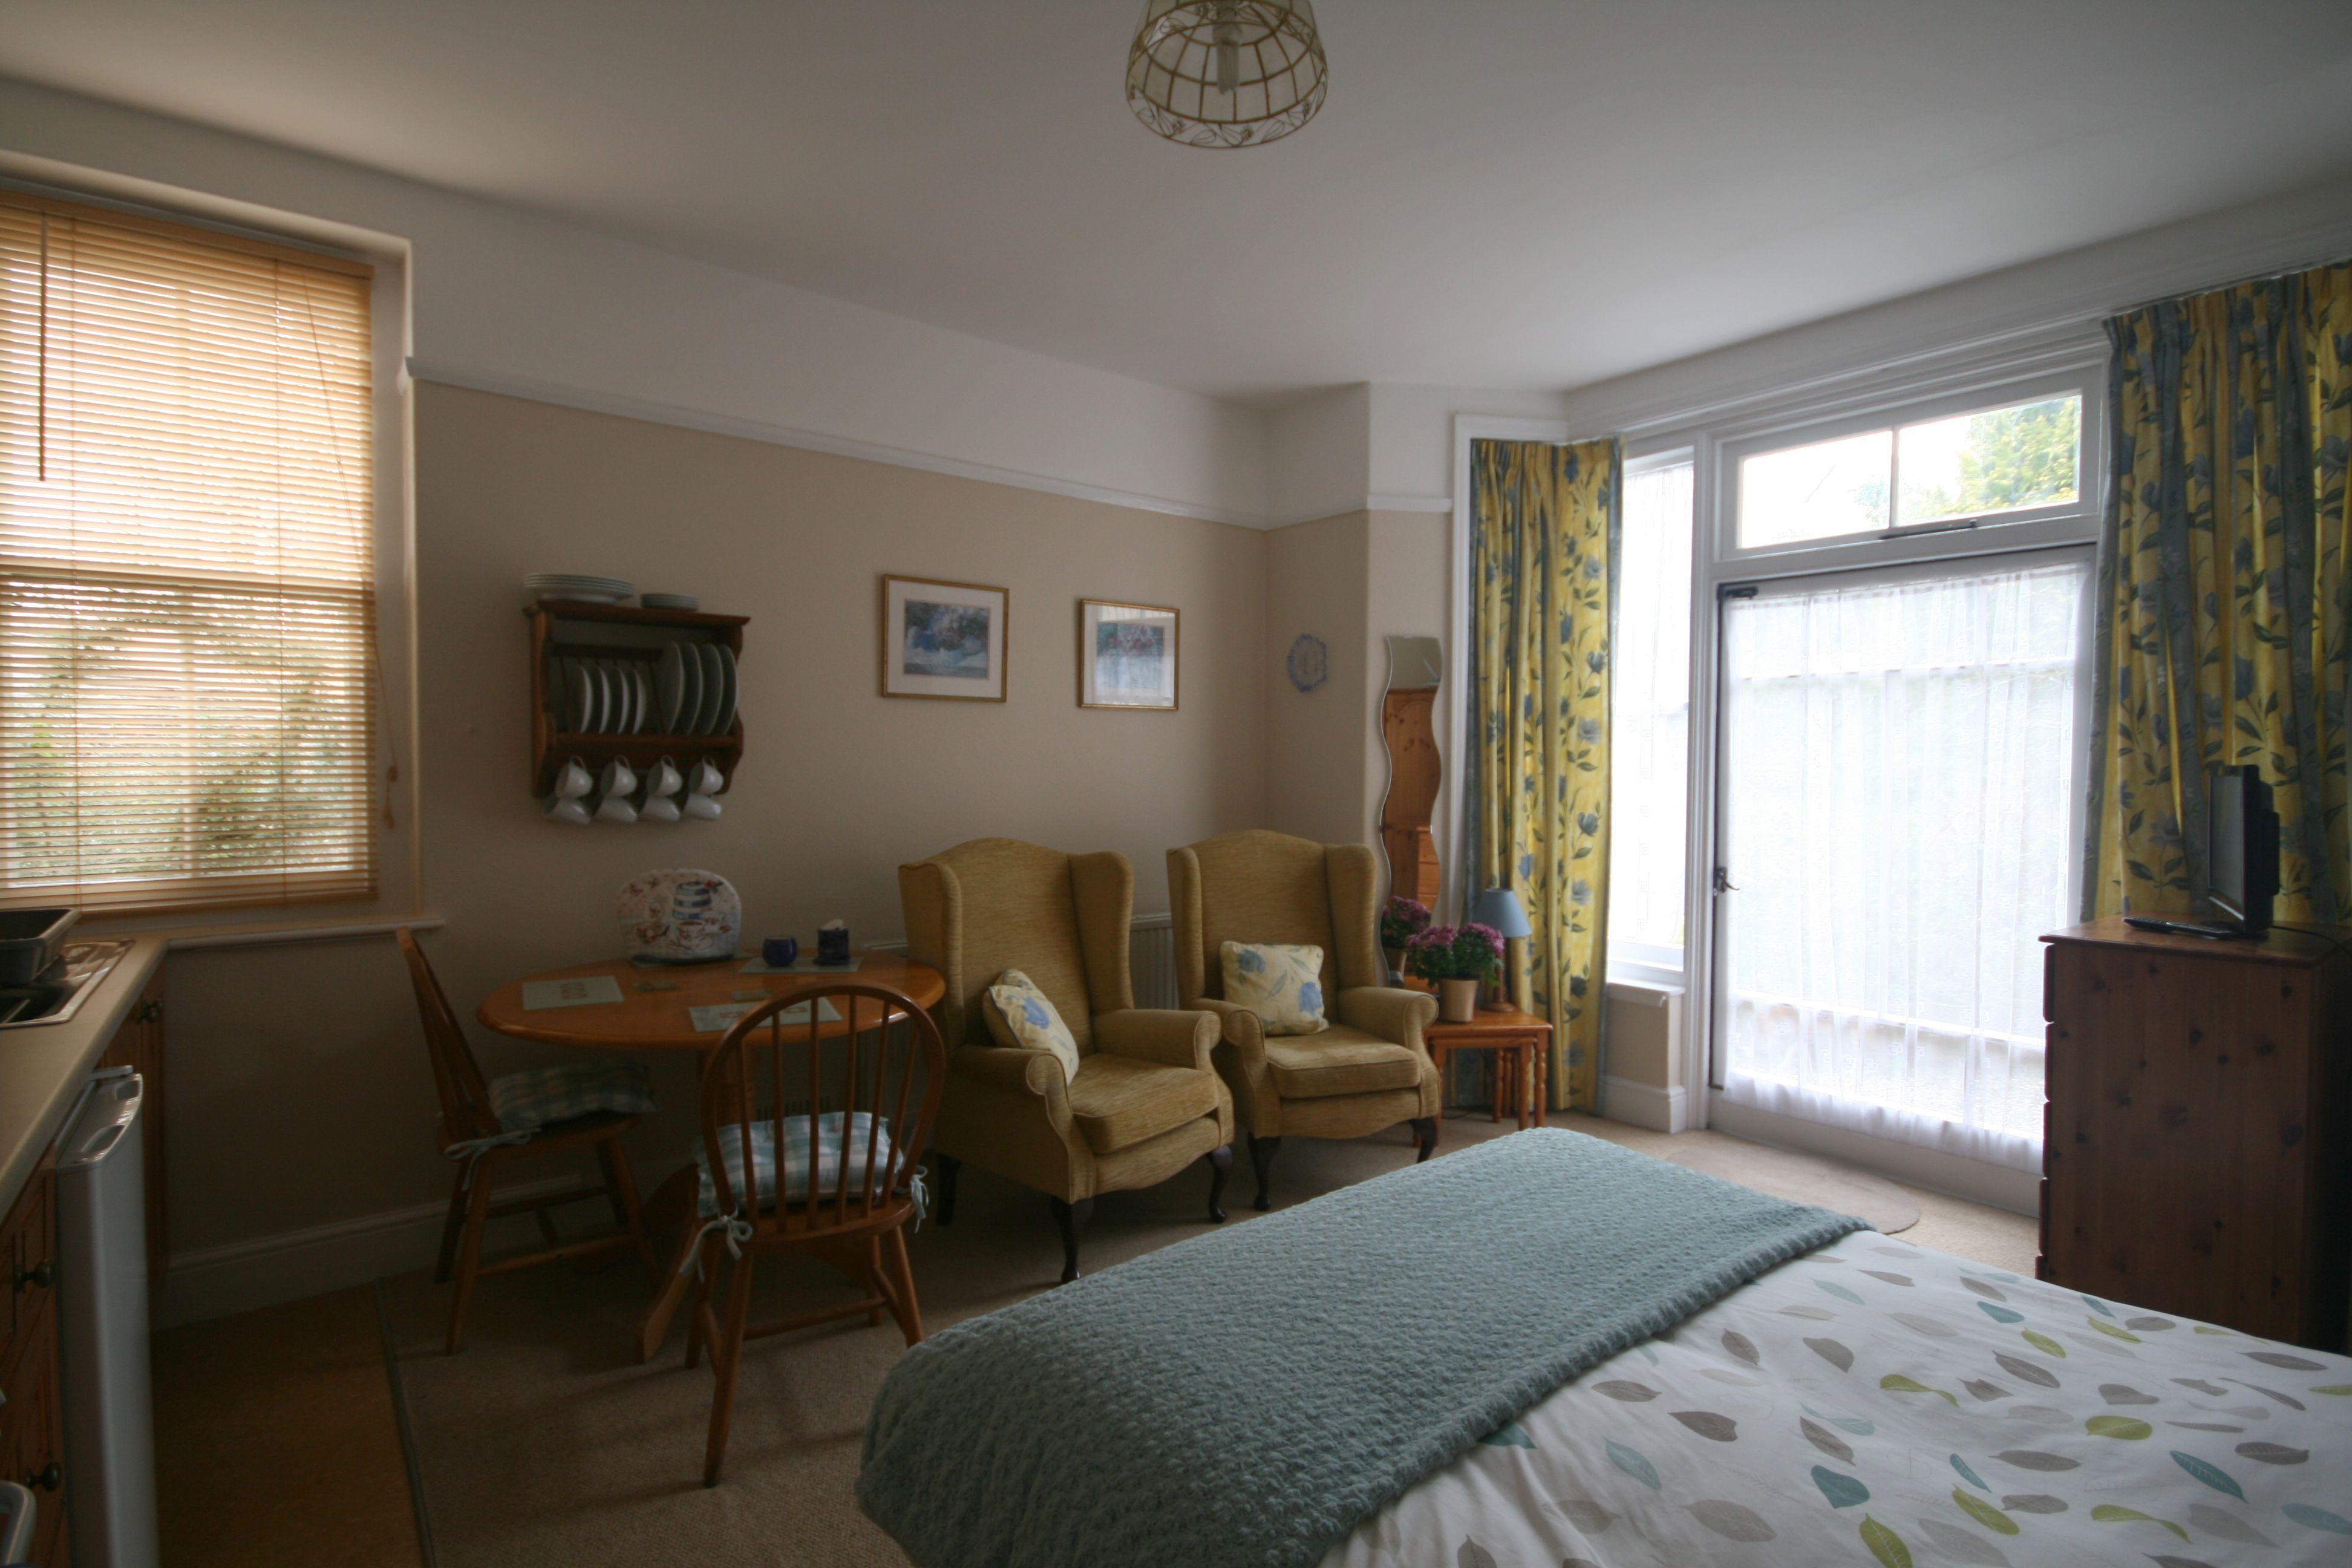 Minehead Rosanda House Holiday Flats Exmoor 4 All